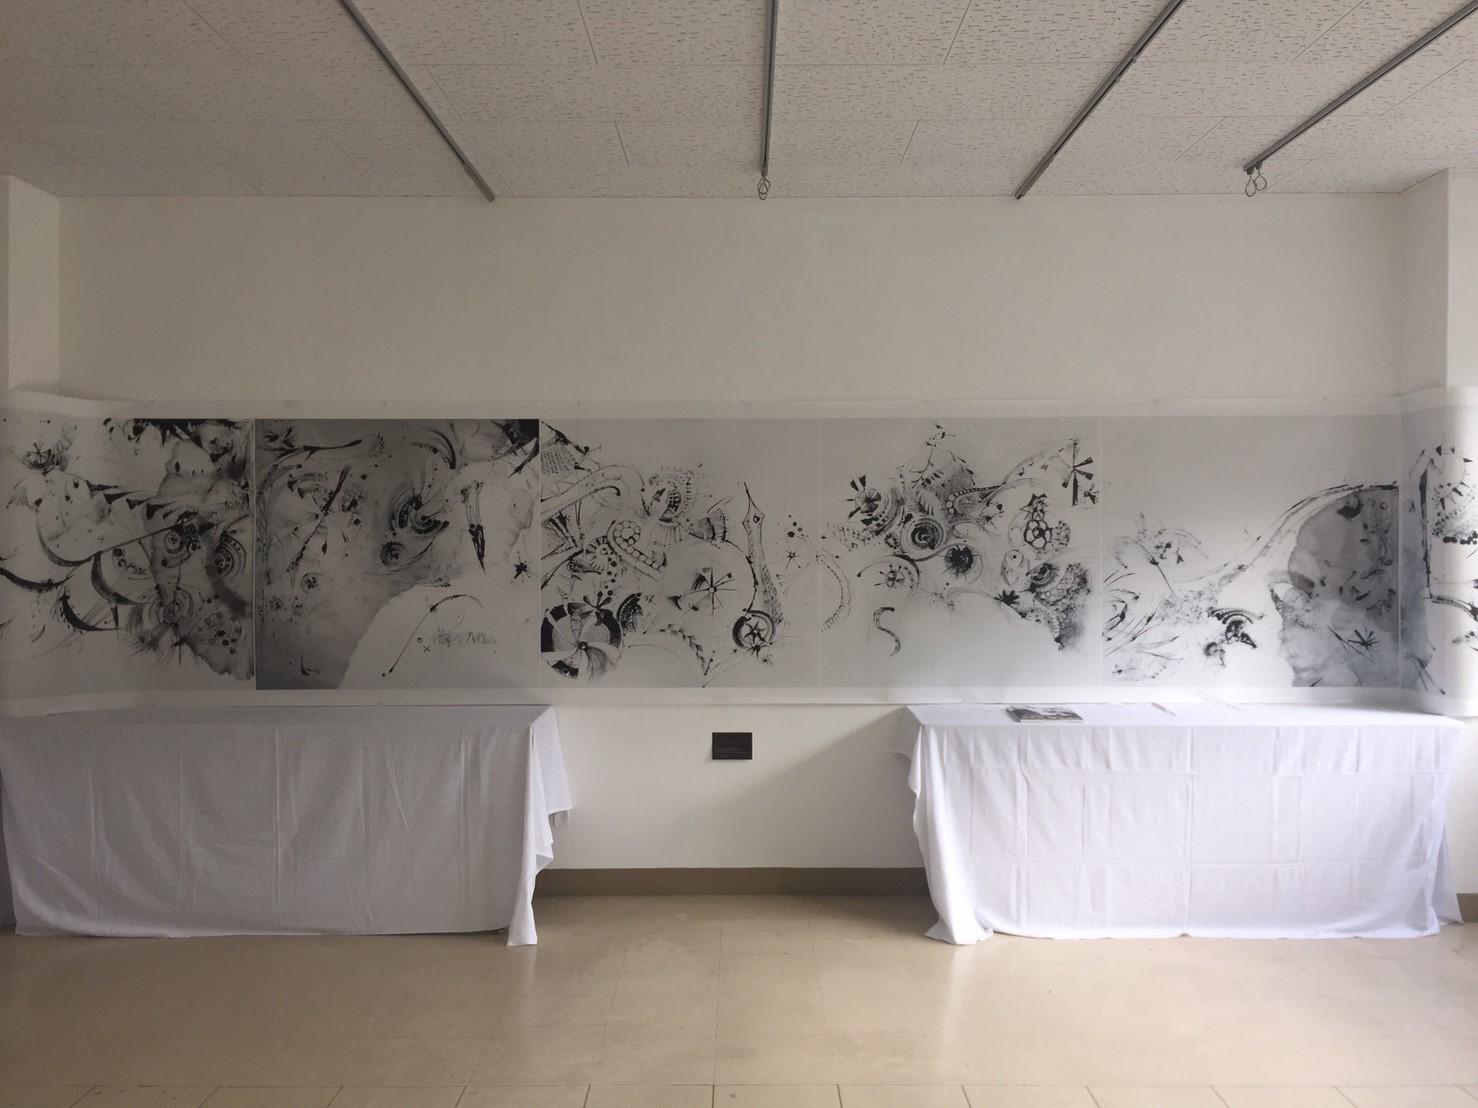 岩美現代美術展 2019_e0115904_01513466.jpg